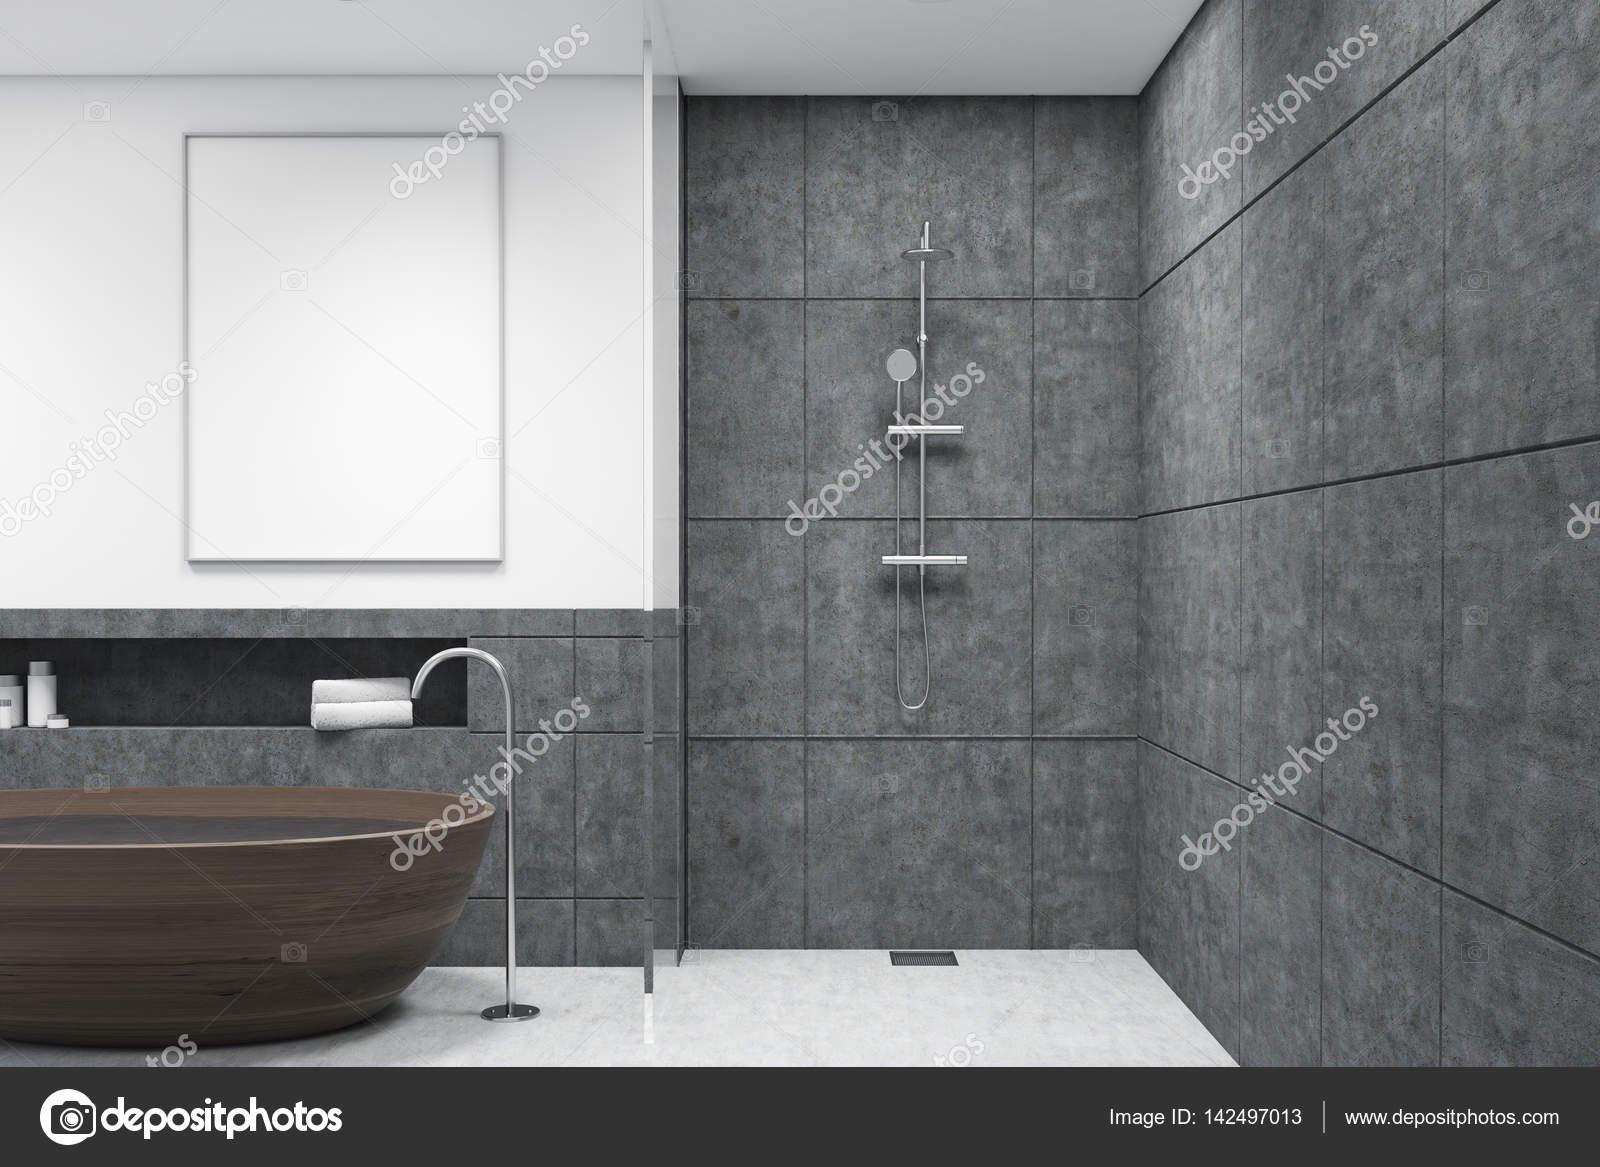 Badkamer met houten badkuip, verticale poster, donker — Stockfoto ...